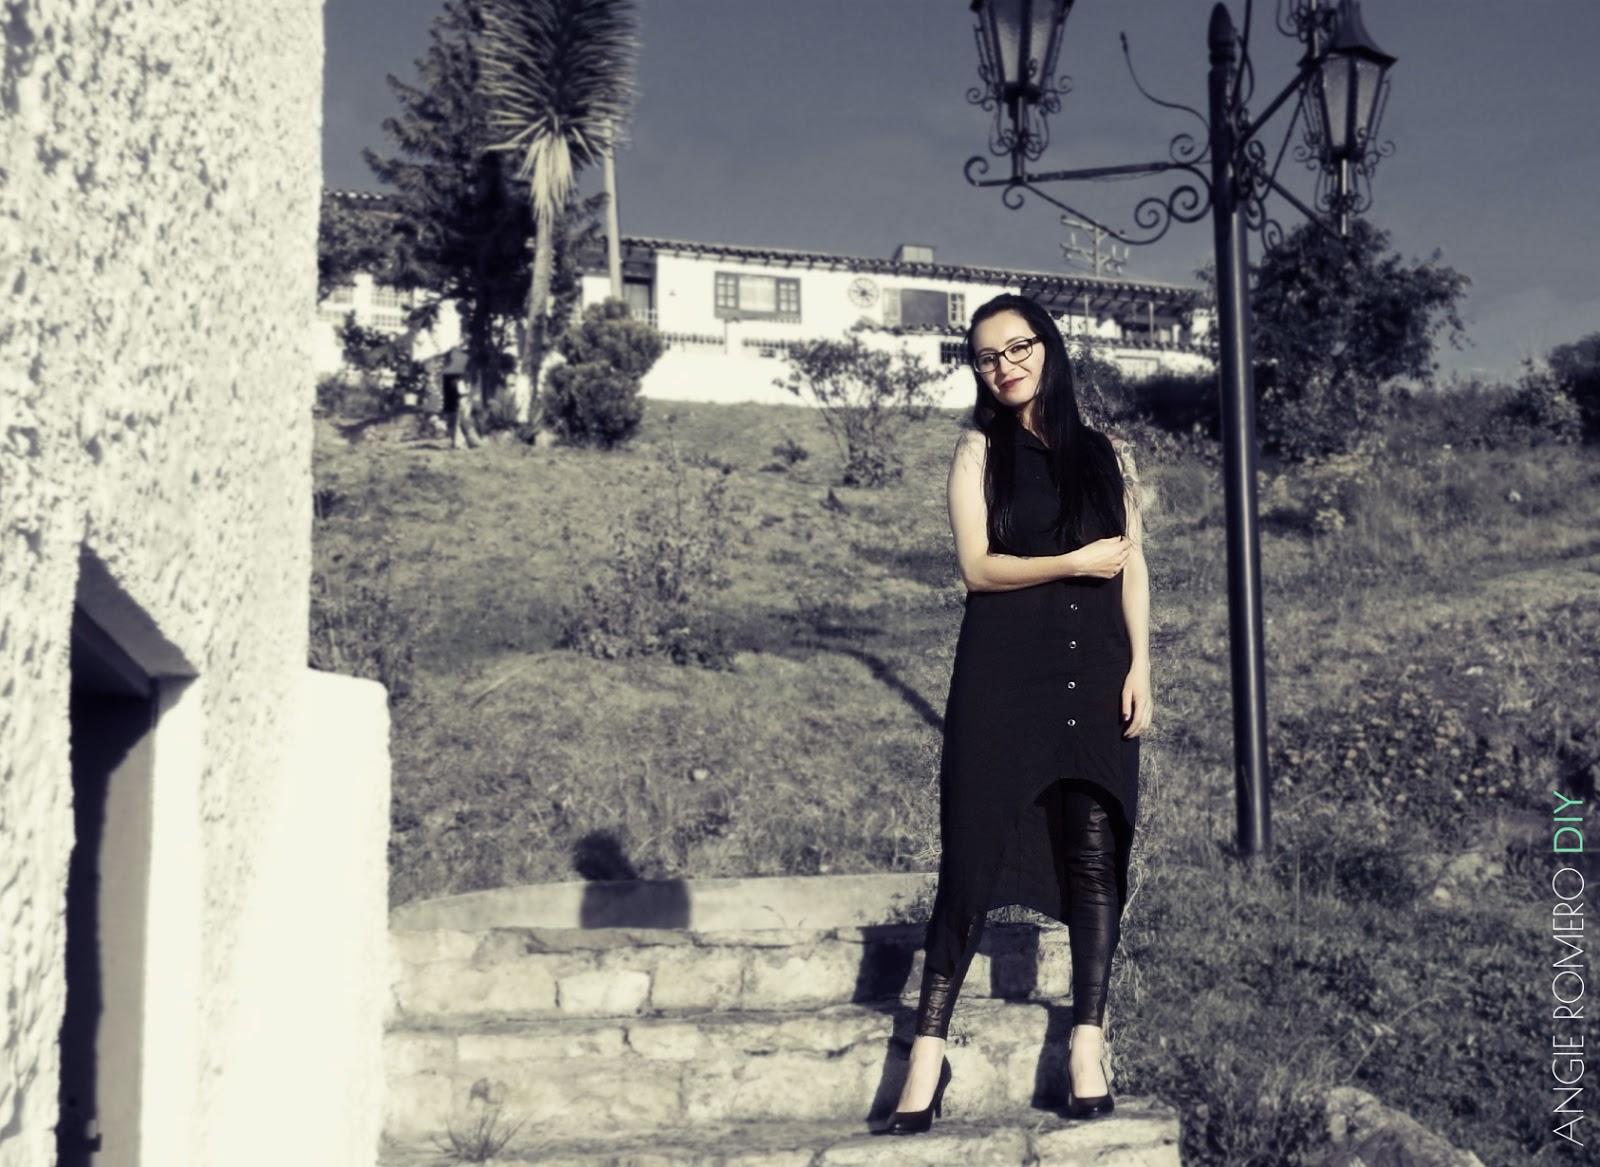 Cómo vestir color negro al estilo gótico y rockero